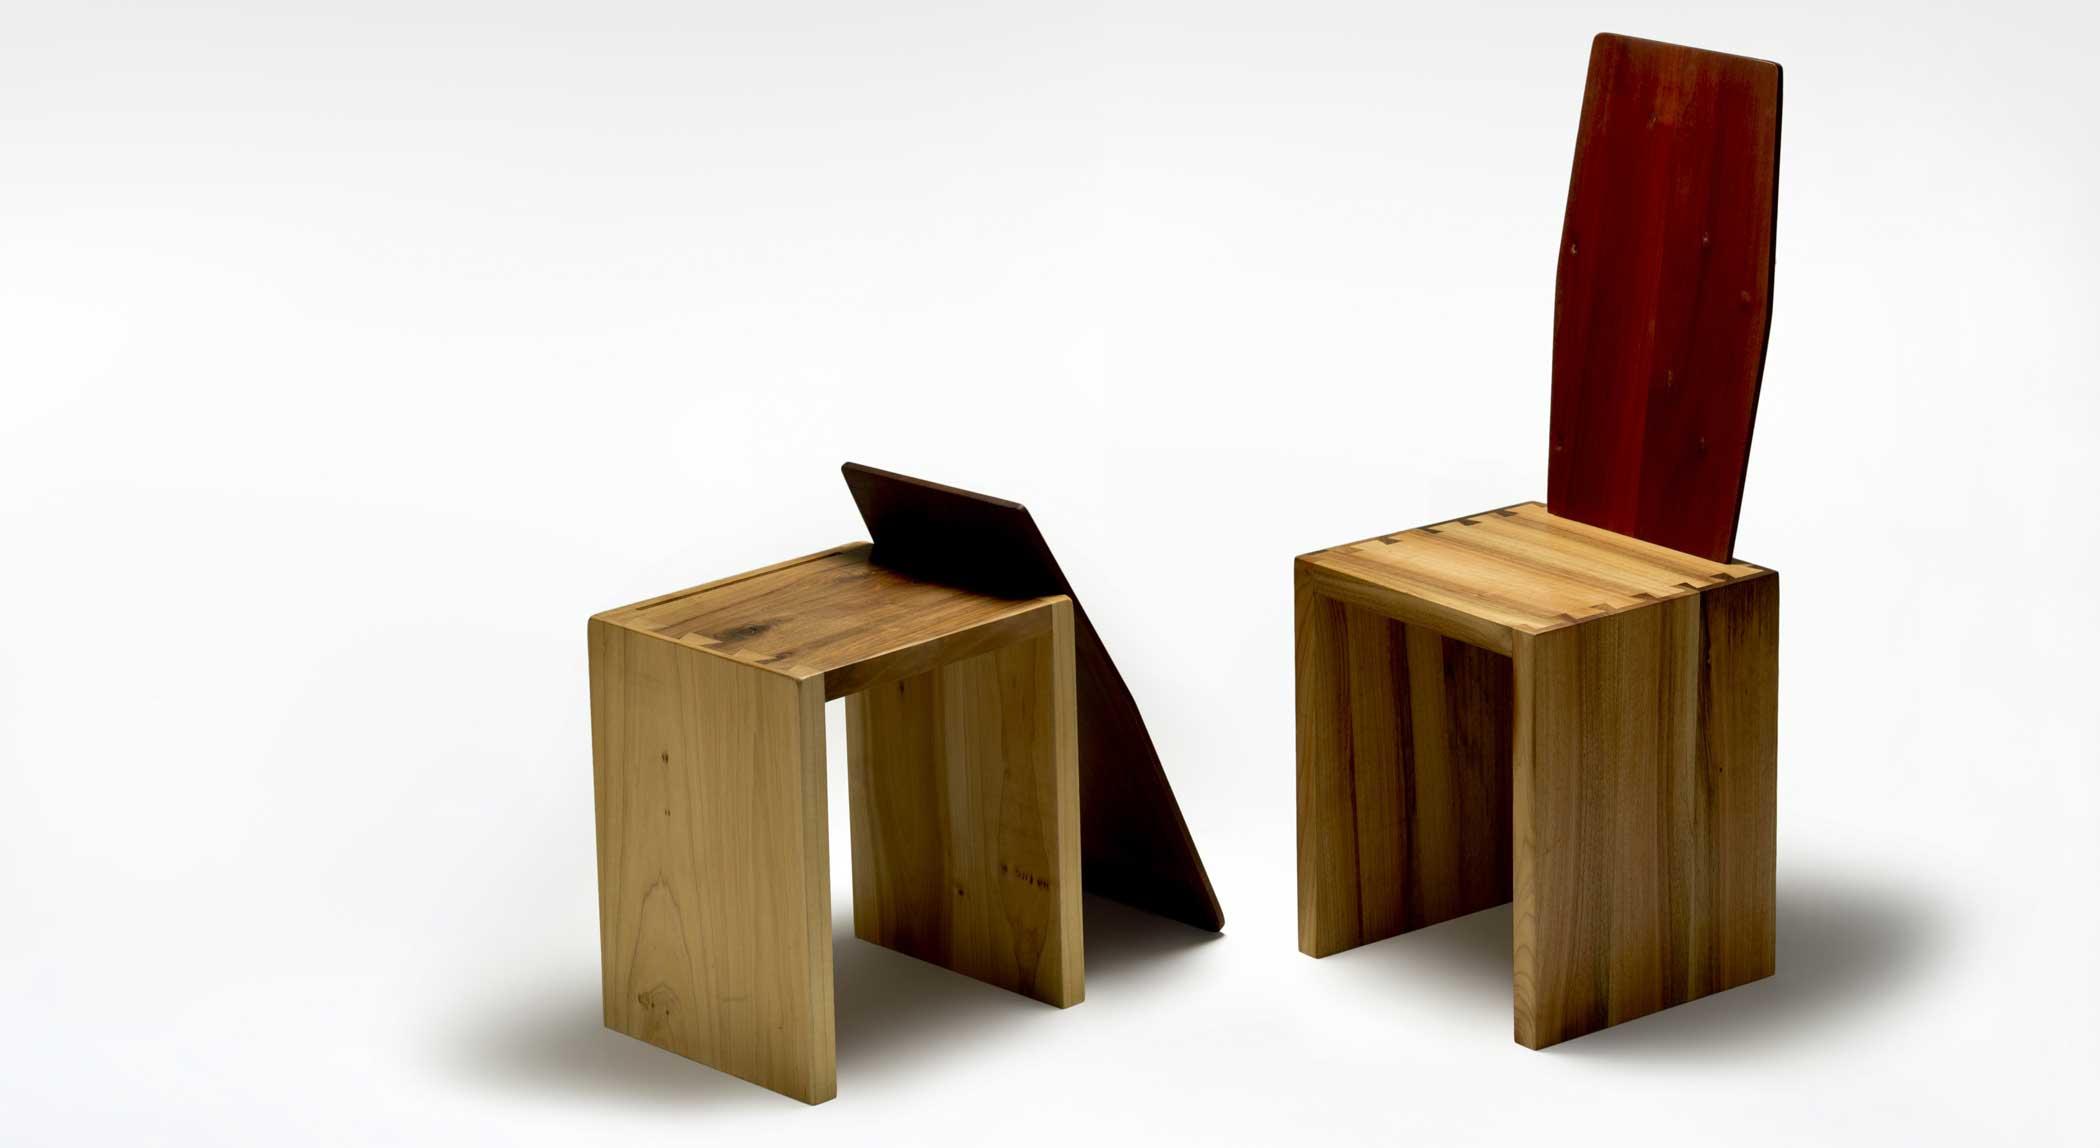 Sedia in legno massello con schienale movibile